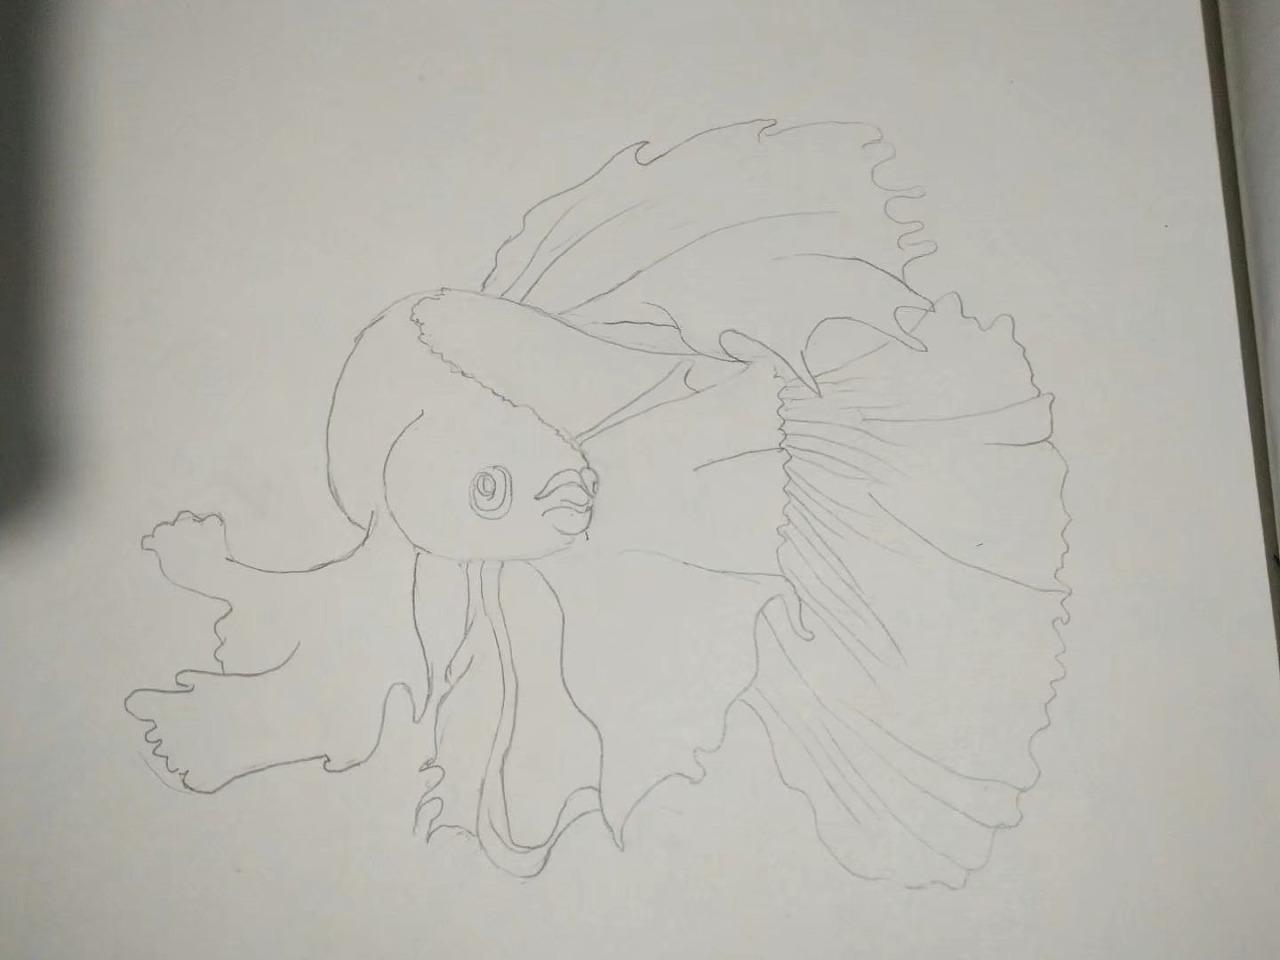 手绘金鱼|插画|插画习作|liuwf - 临摹作品 - 站酷